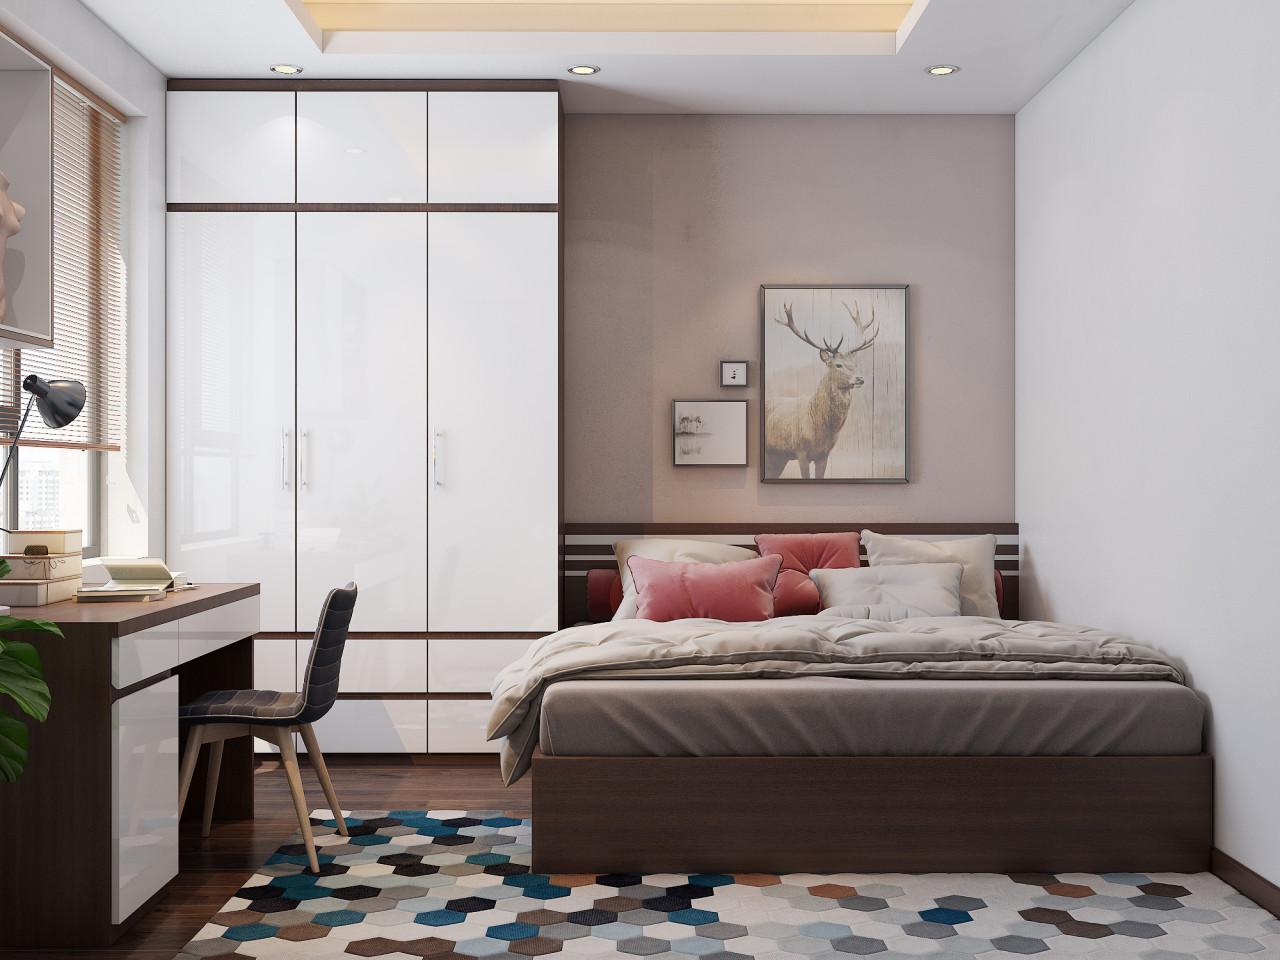 Phòng ngủ lớn thiết kế theo tông màu trắng pha xám ghi, tạo cảm giác nhẹ nhàng, nhã nhặn cho phòng bé gái